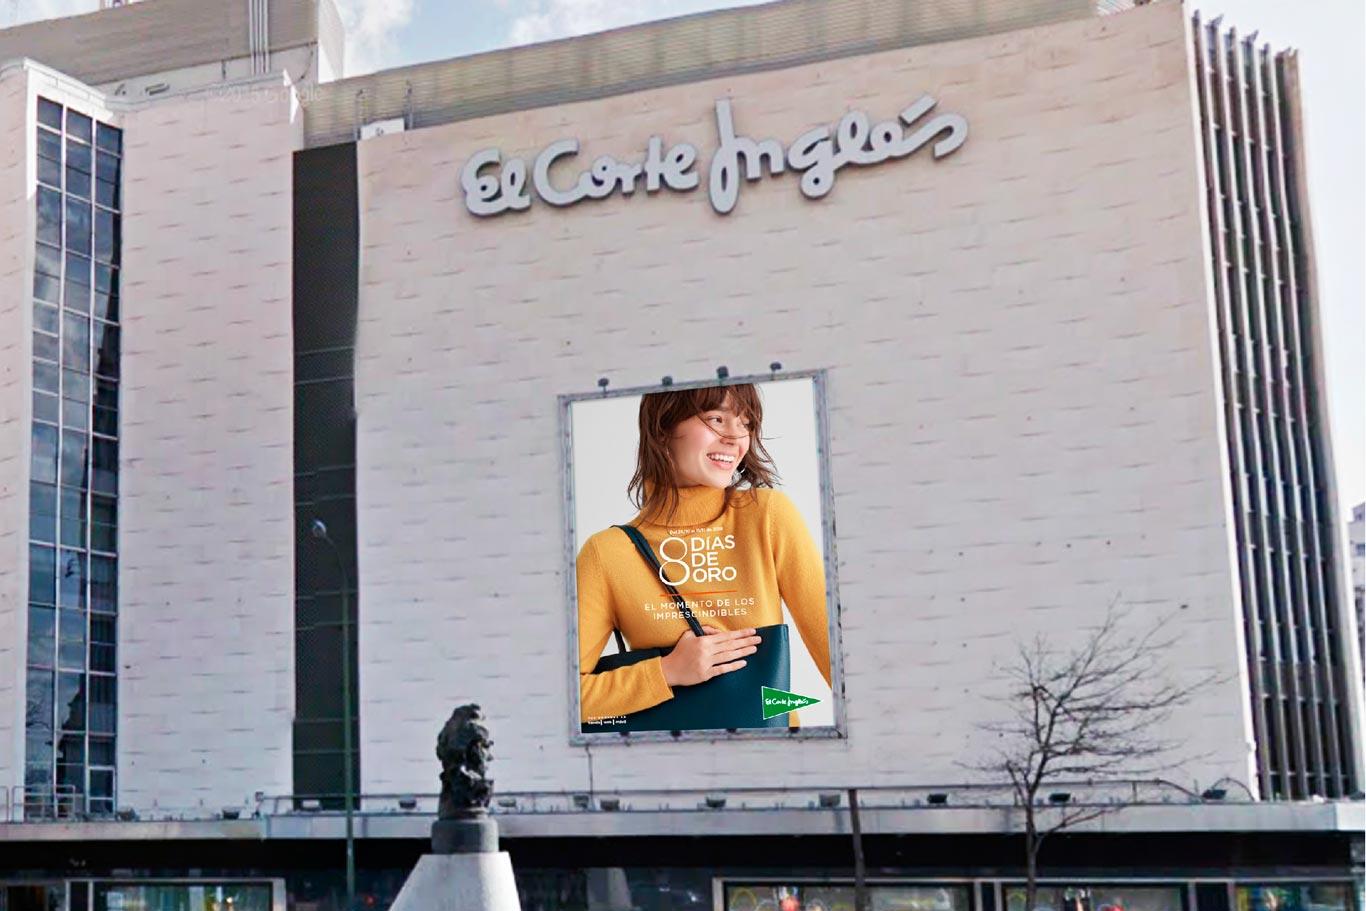 Lo mejor de los 8 Días de Oro de El Corte Inglés - Dream Alcalá 9a2ea5c8f01